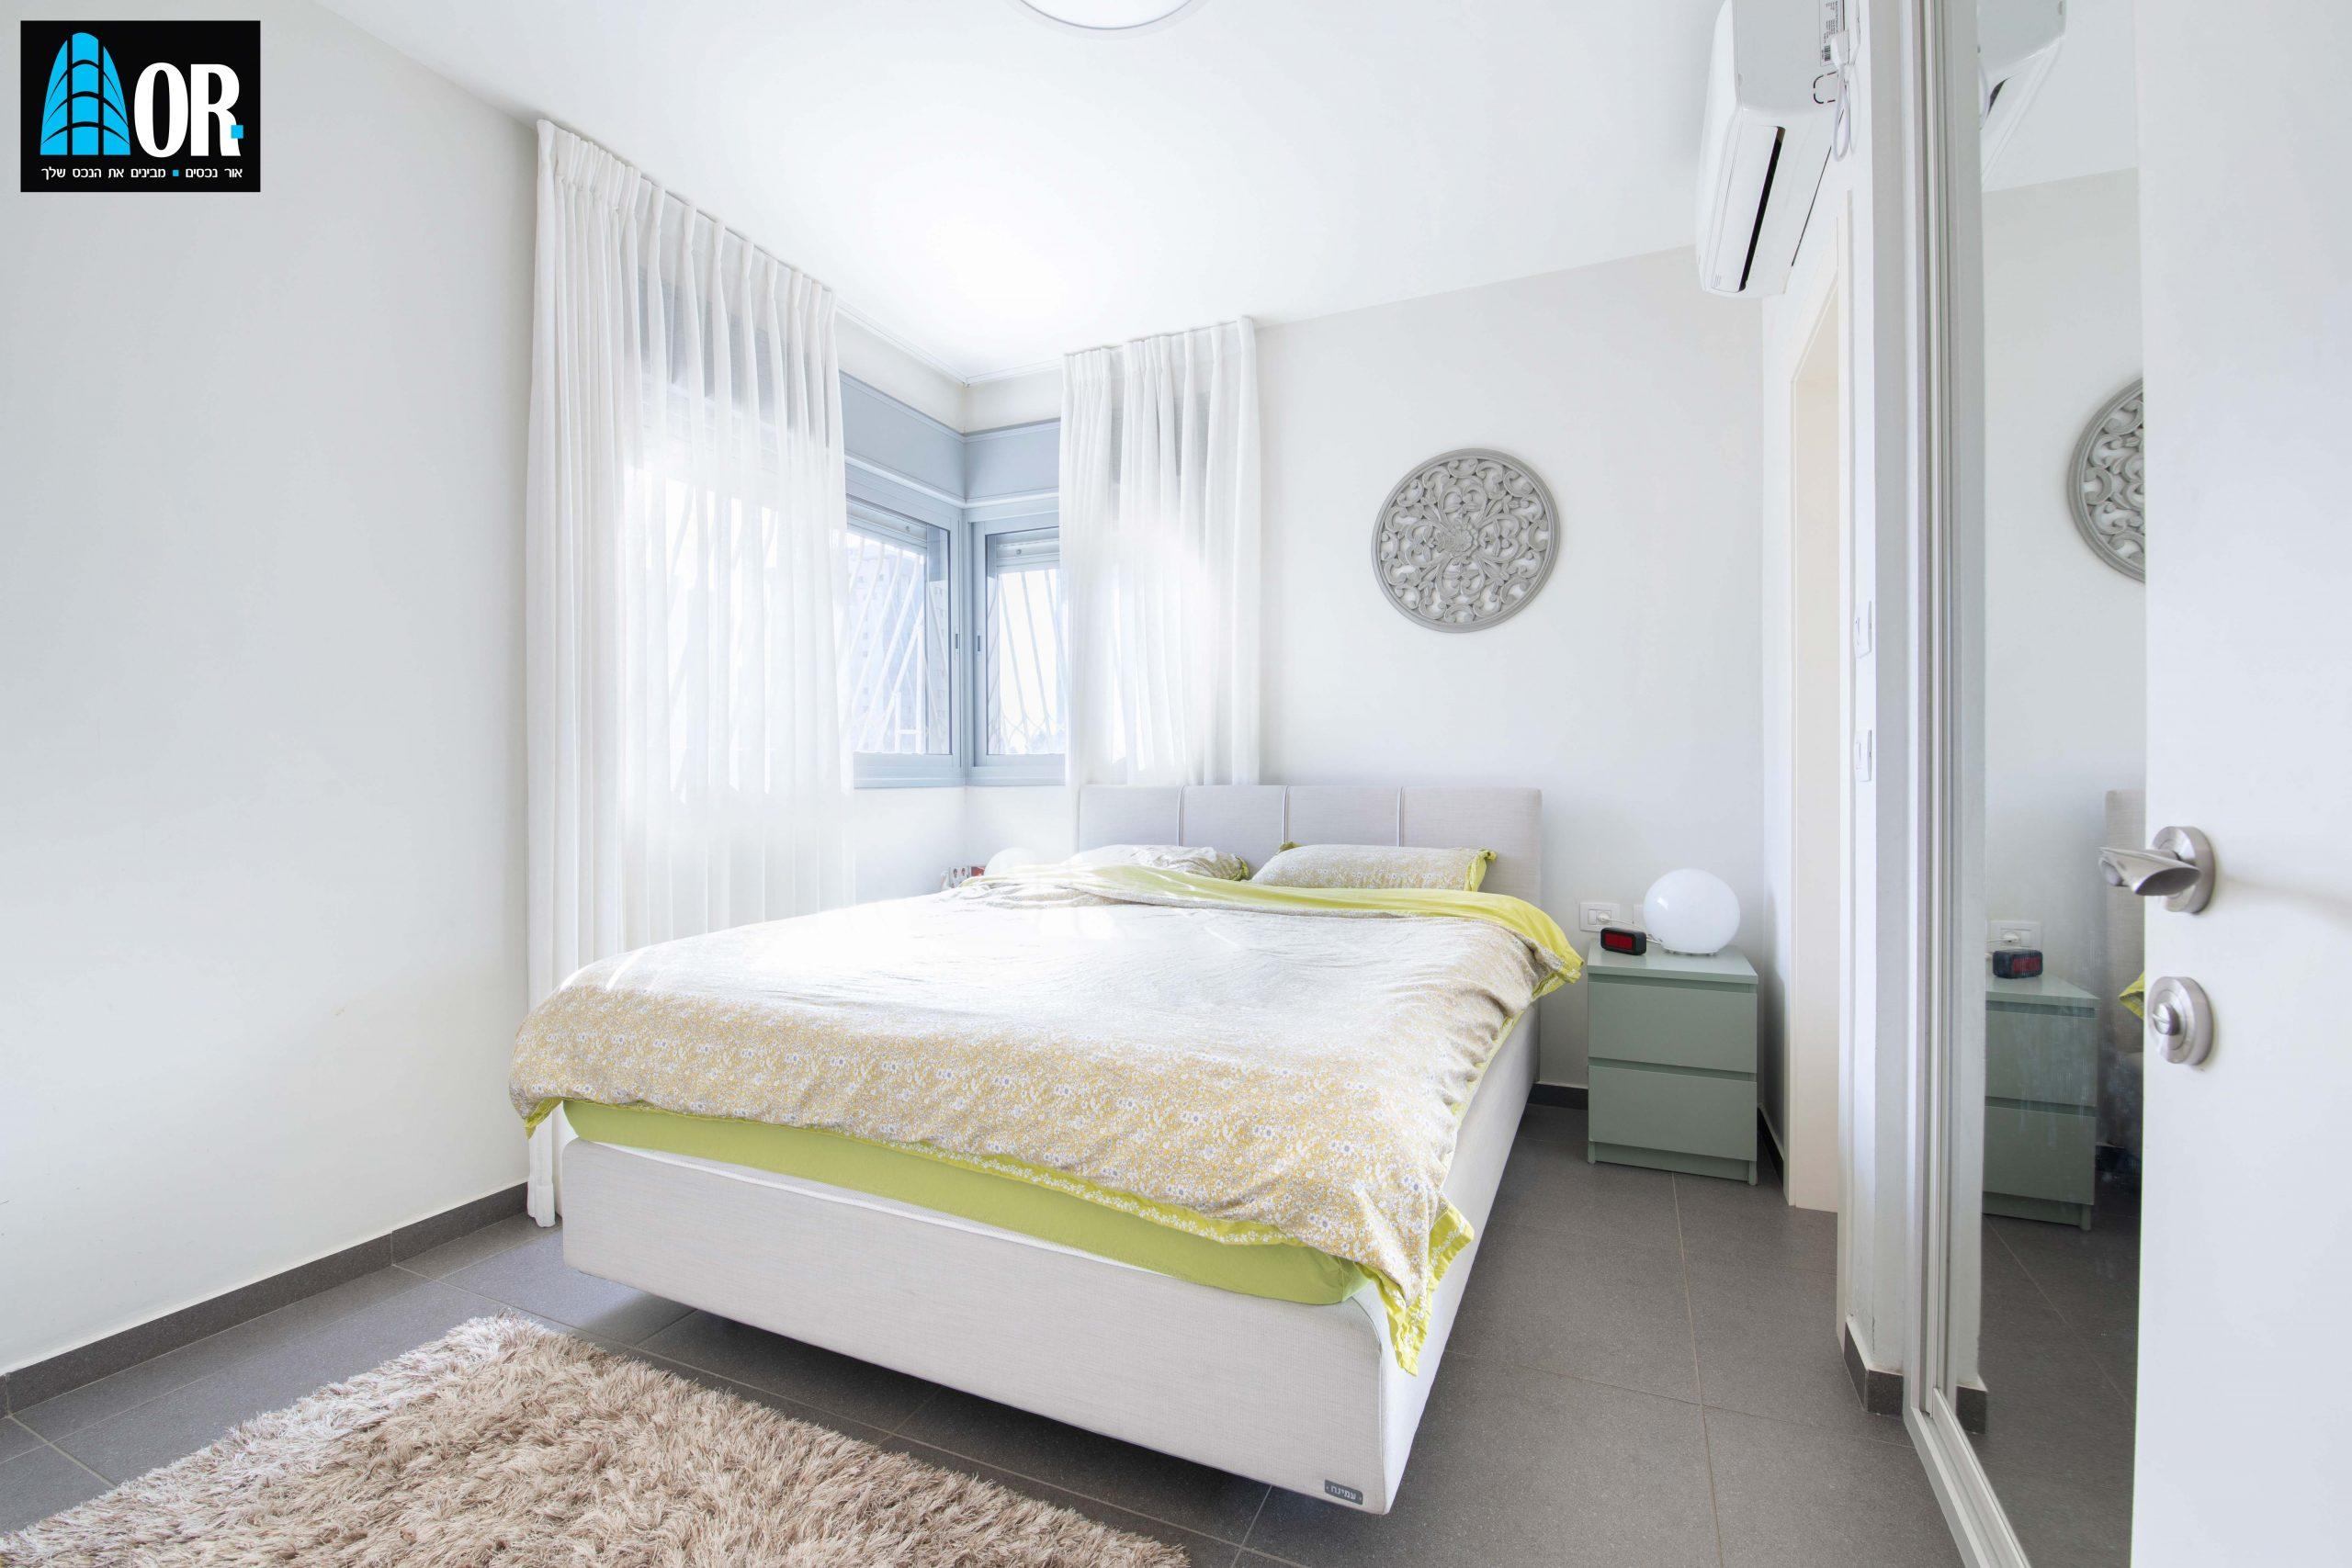 חדר שינה דירה 5 חדרים, שכונה צמרות